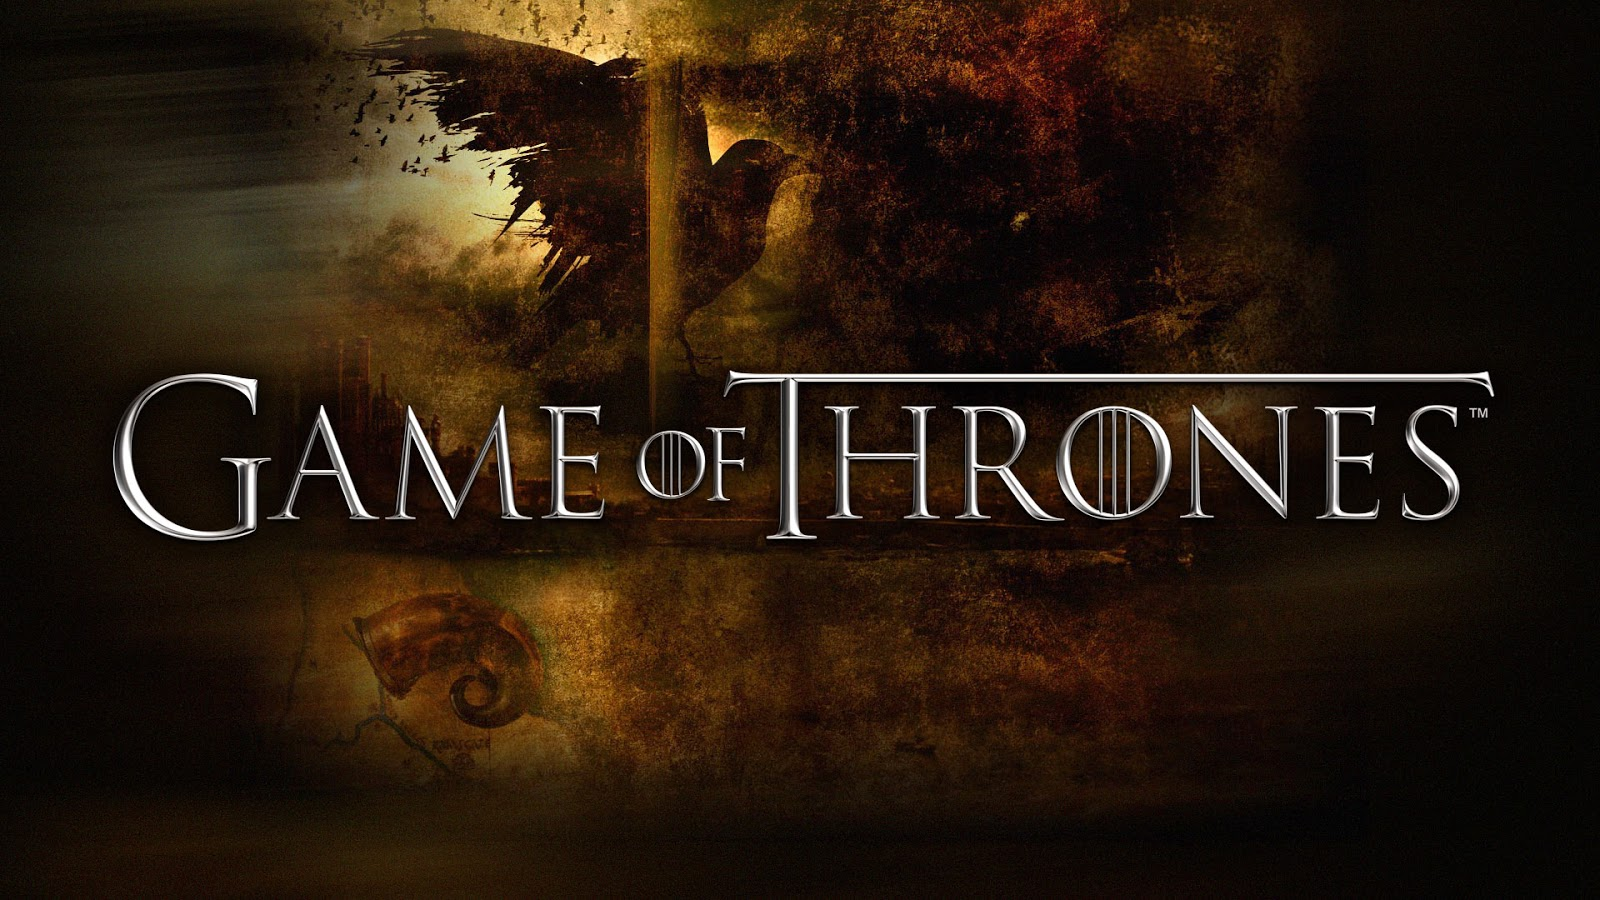 http://2.bp.blogspot.com/-T0Dp7Efg5QQ/UUuZkrsbu1I/AAAAAAAAC2A/5CZaDNZTpFo/s1600/crow-background-game-of-thrones-hbo-series-logo-1920x1080-hd-wallpaper.jpg